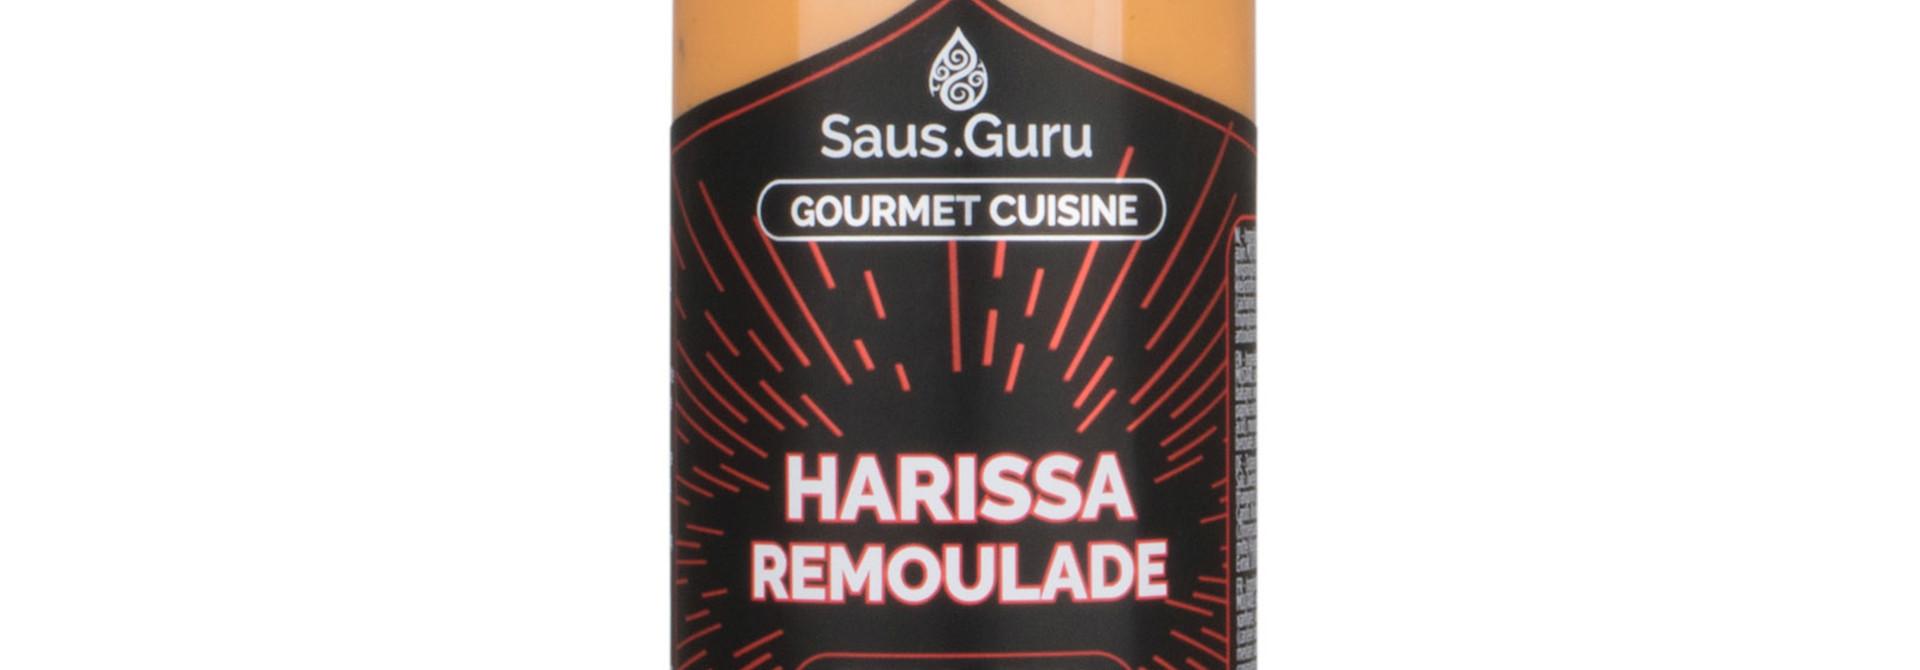 Saus.Guru's Harissa Remoulade